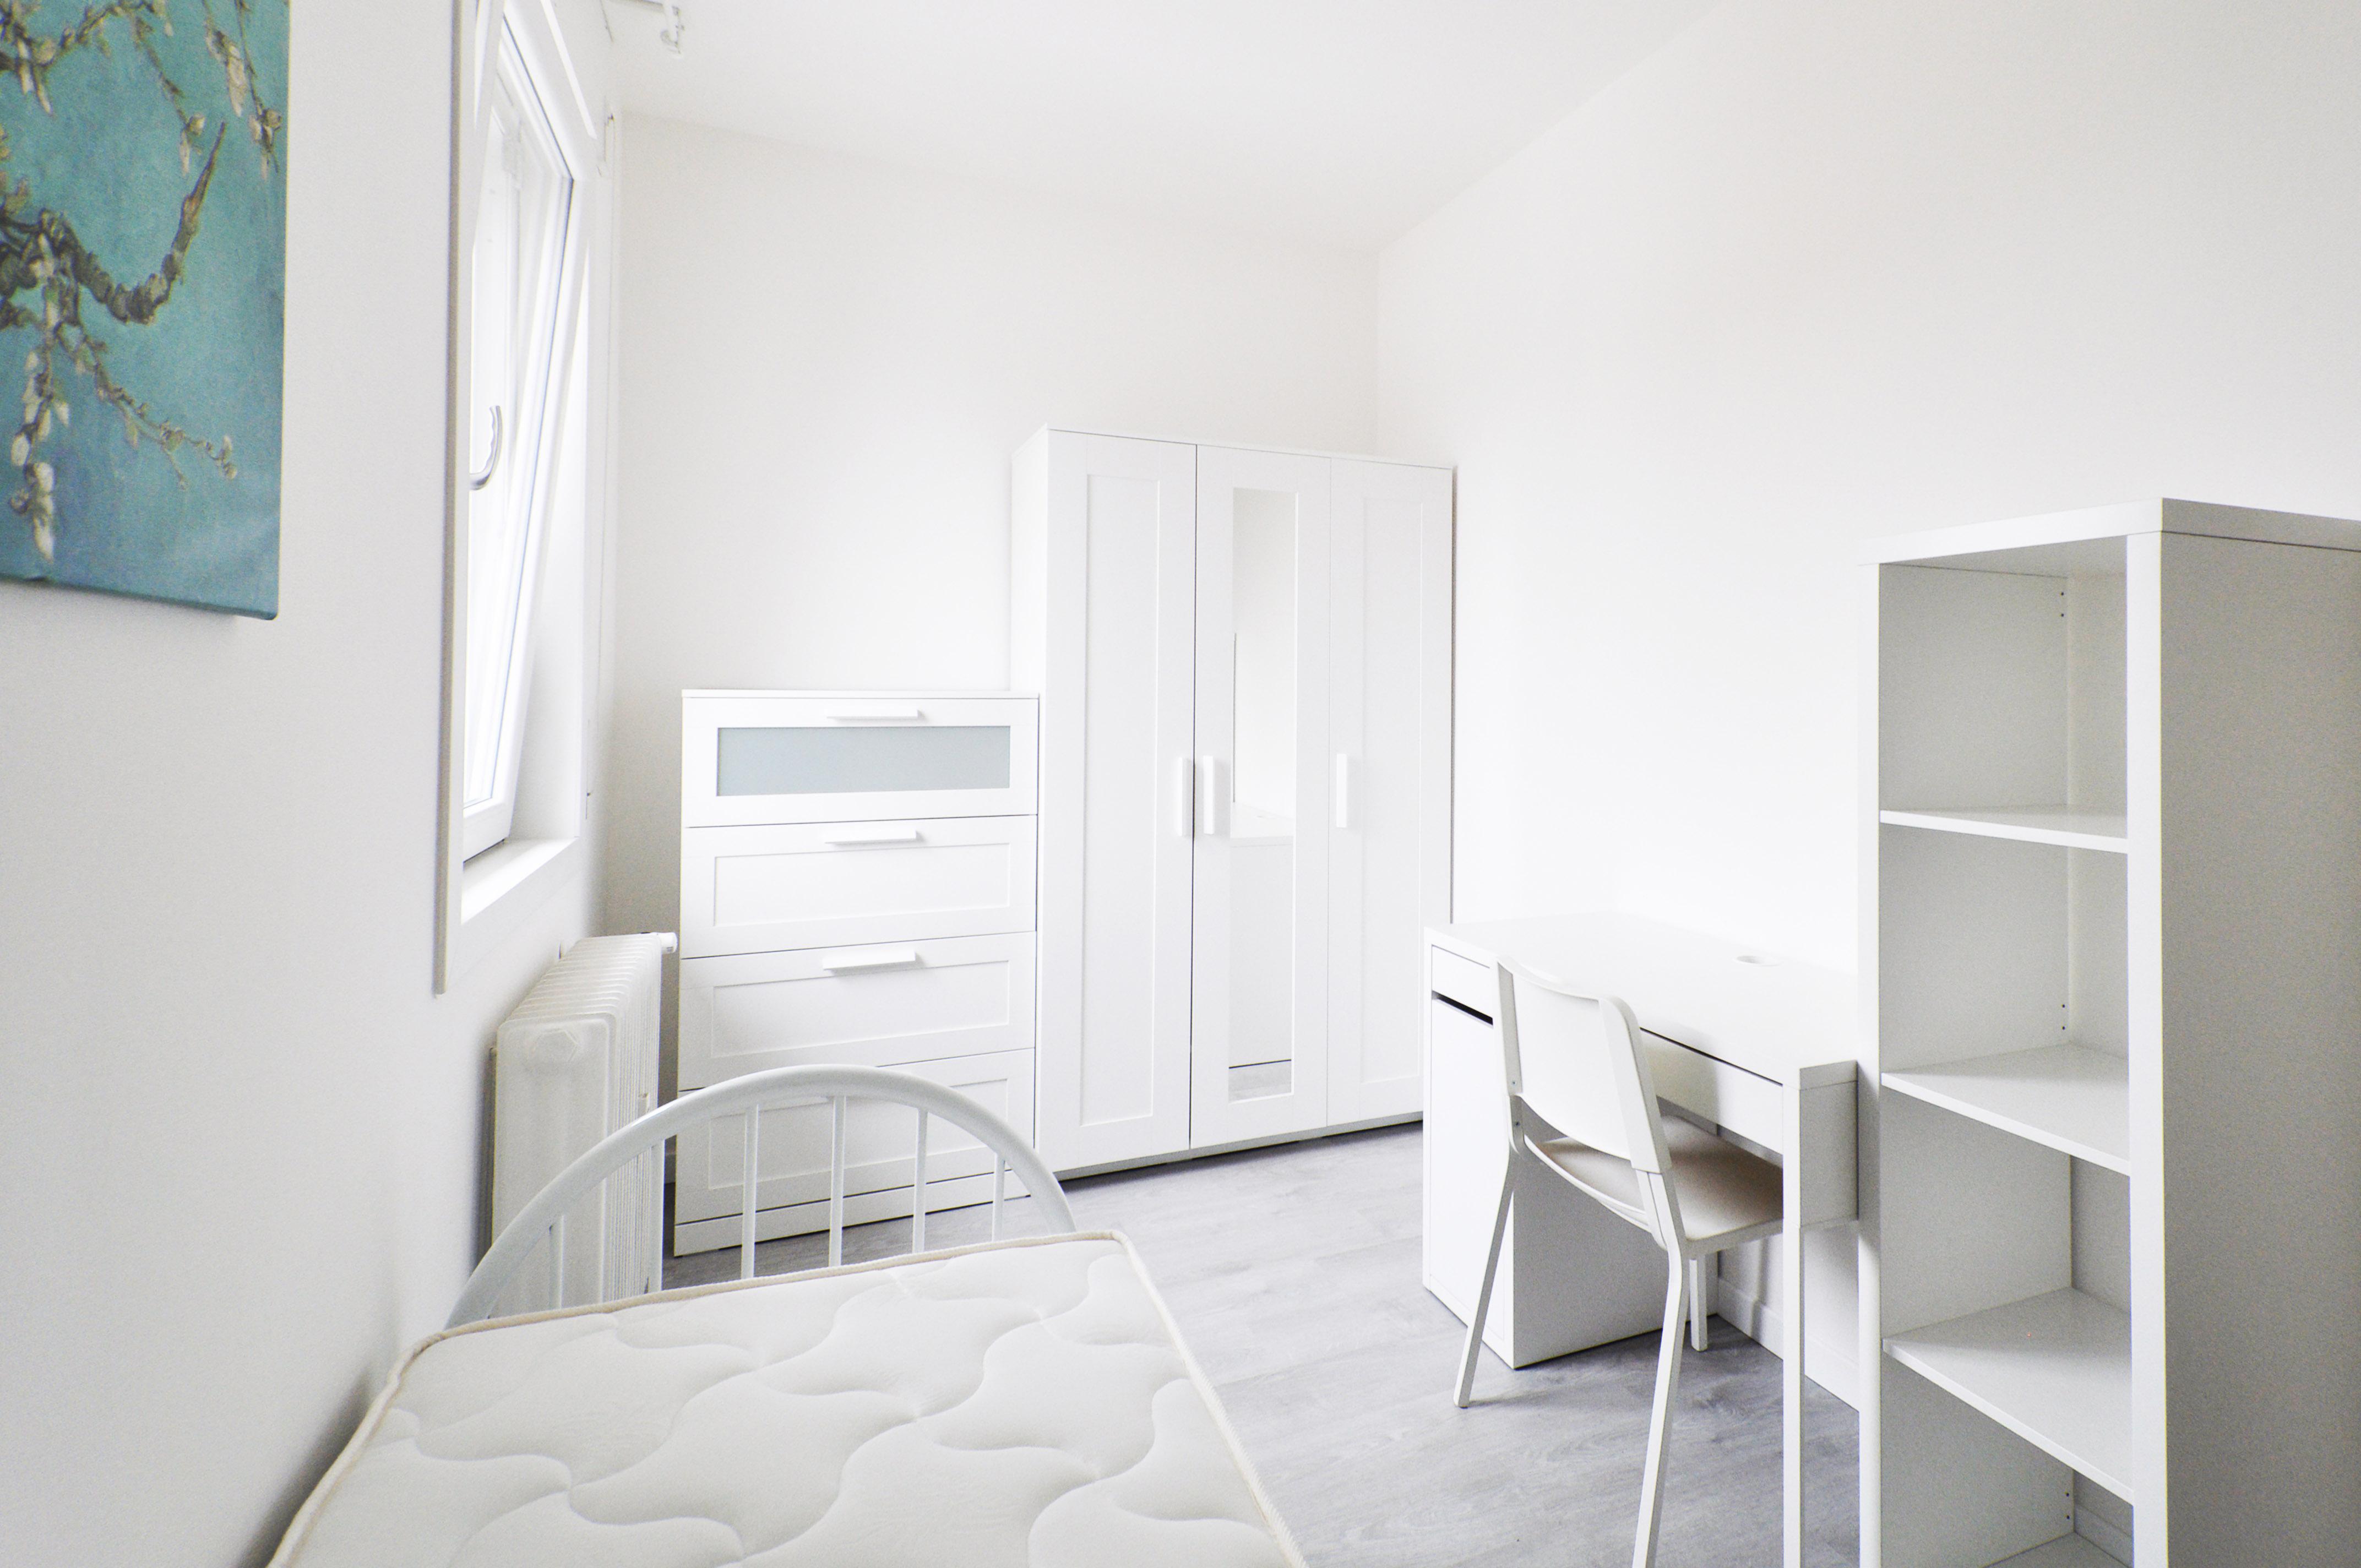 Camere in affitto-Treviso-Ospedale-Stazione-Studio-Architettura-Zanatta bertolini_04